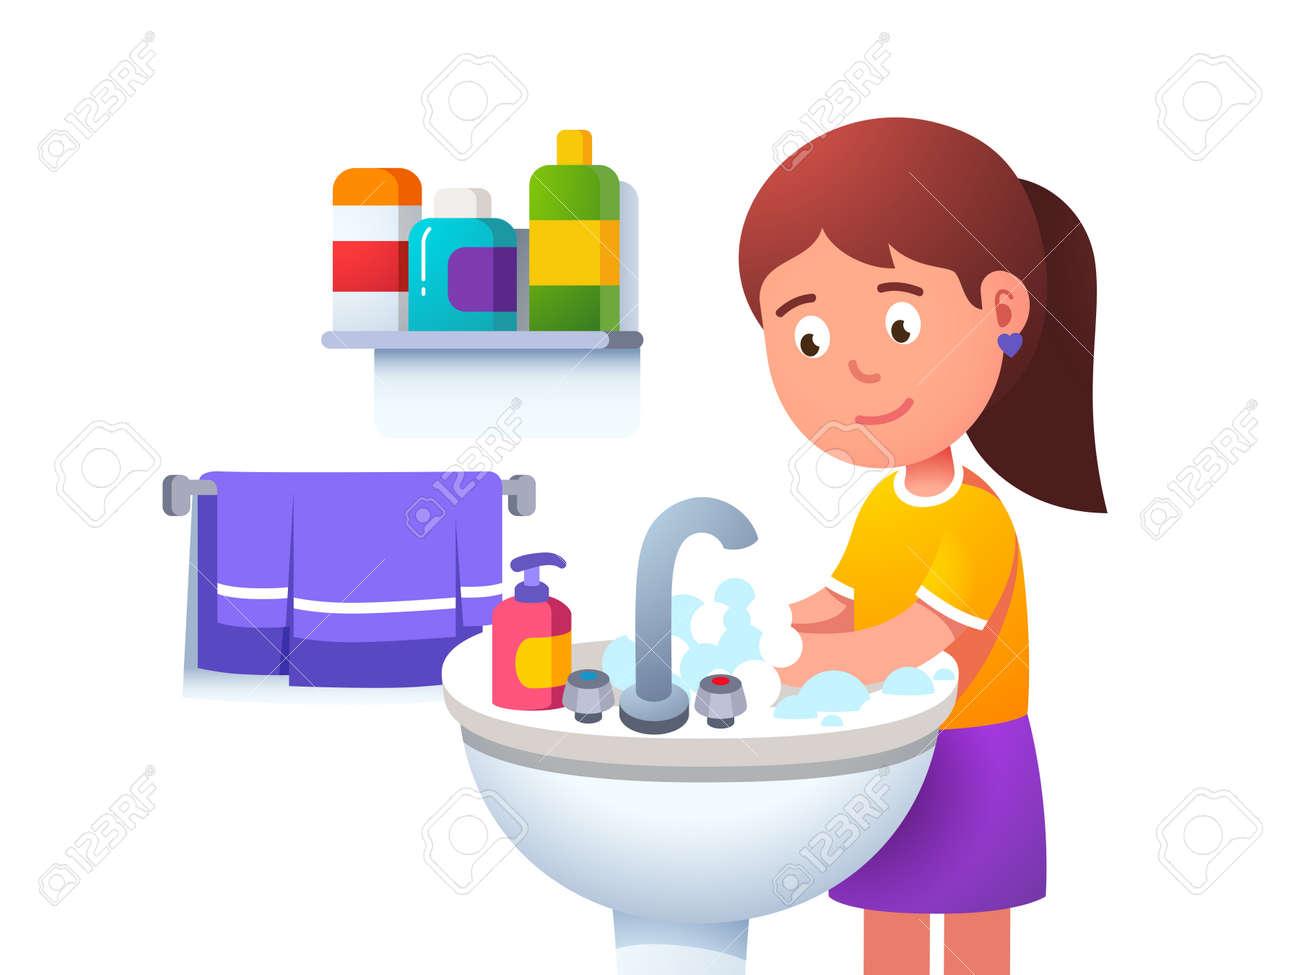 Kid girl washing hands at washbowl sink basin - 153086093